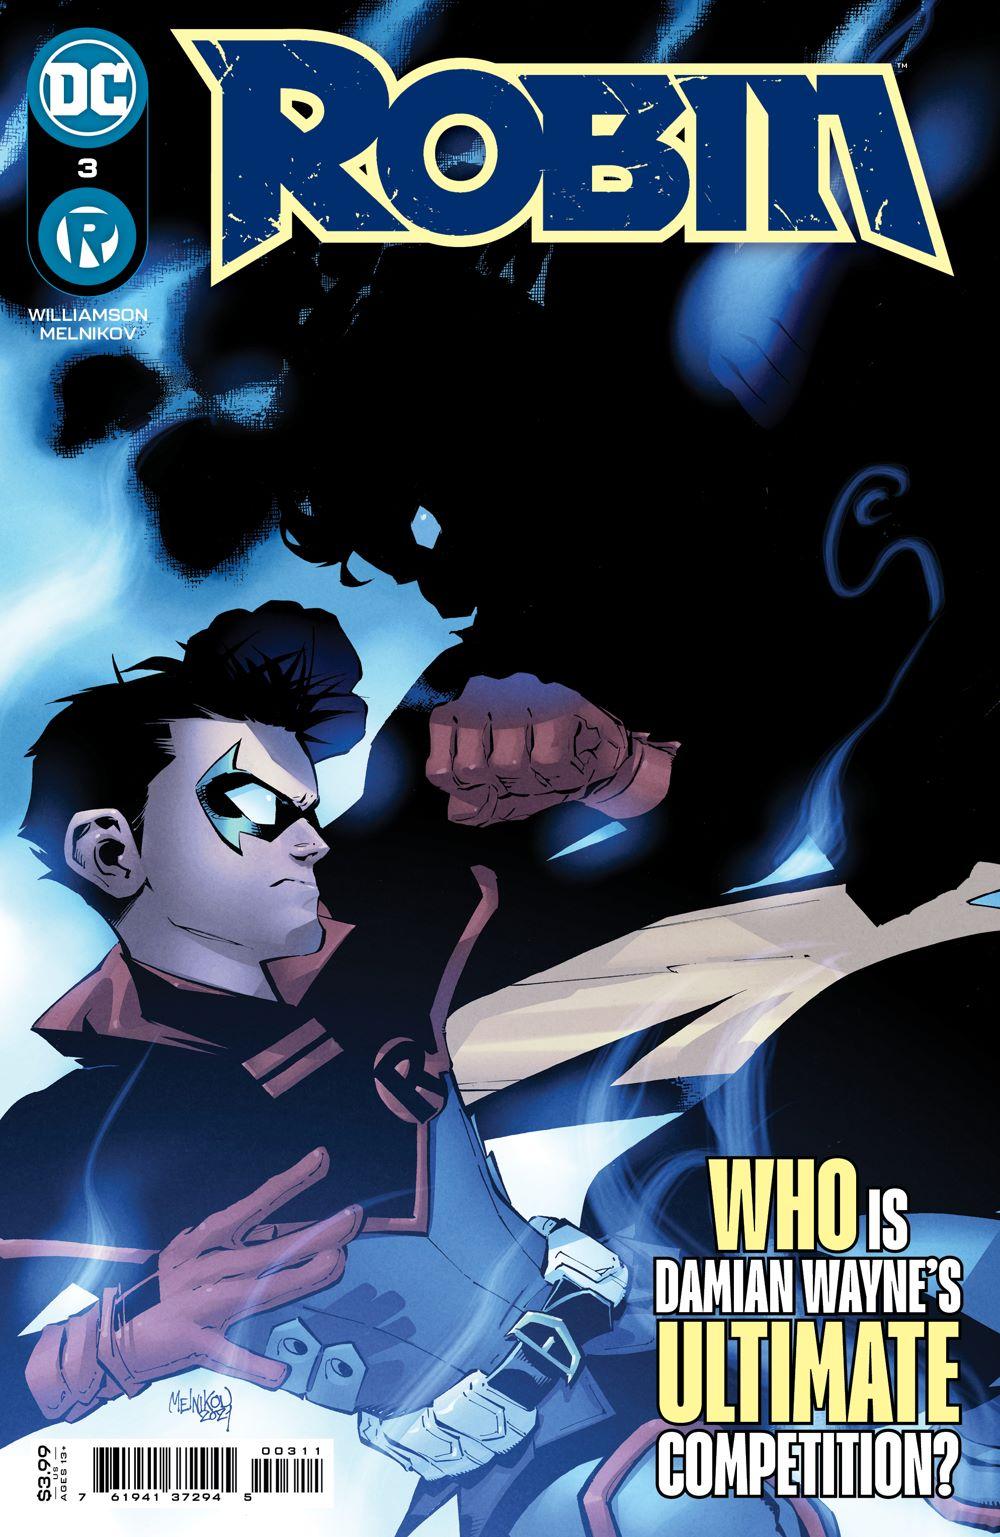 ROBIN_Cv3_silo DC Comics June 2021 Solicitations